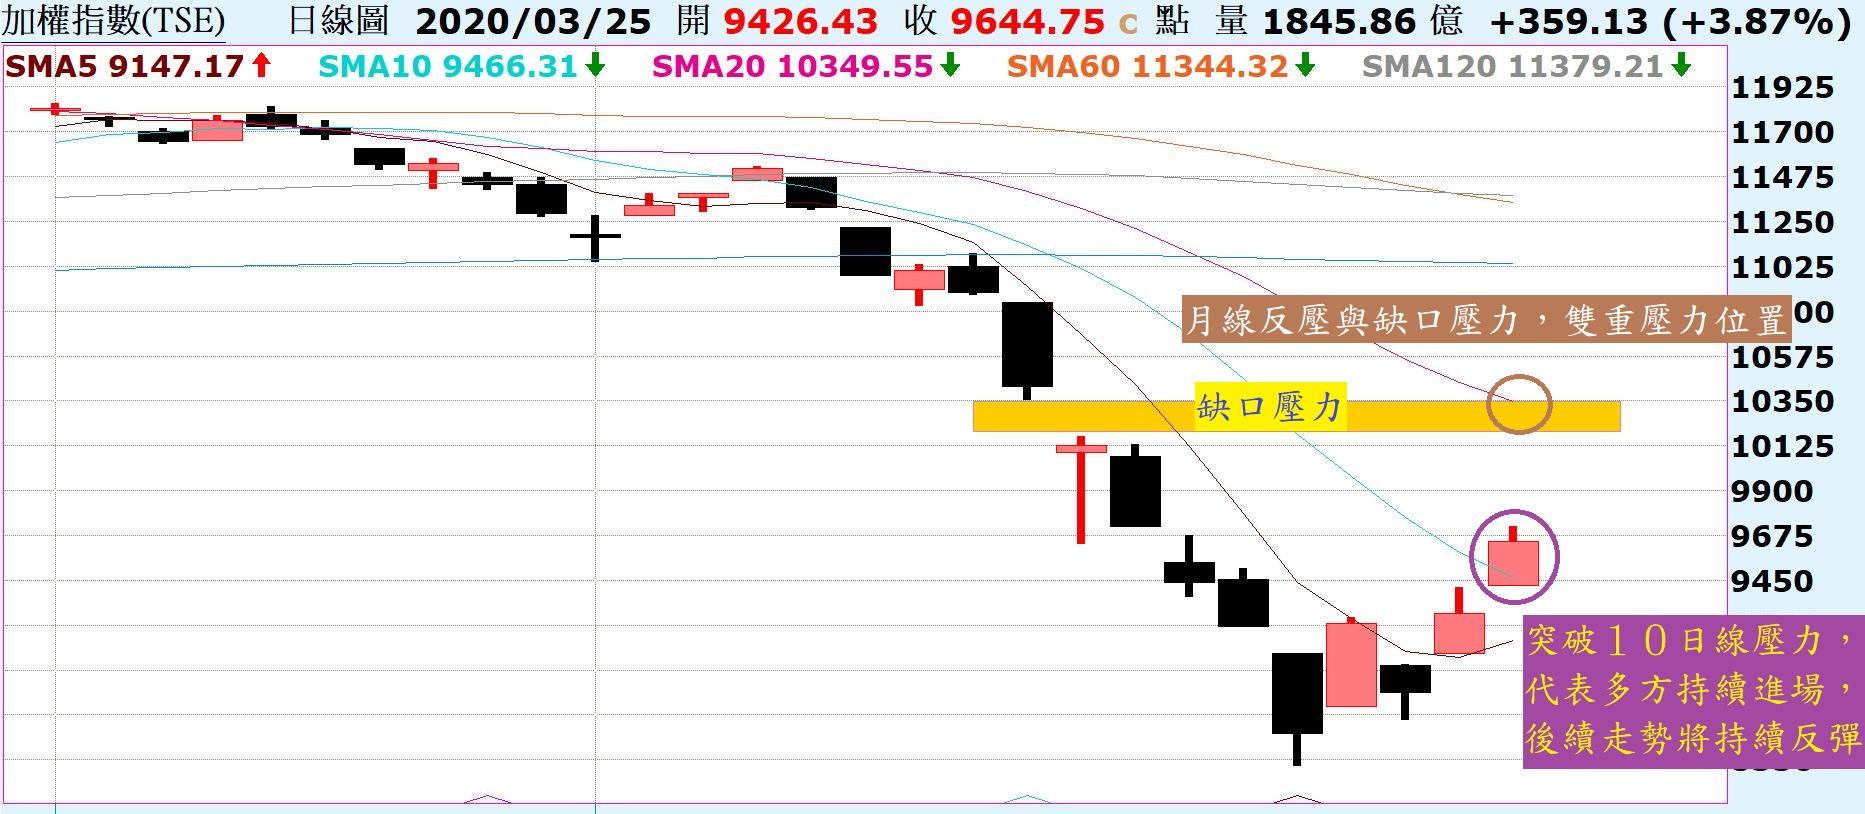 市場吹起一陣反彈風,走勢將持續向上反彈!